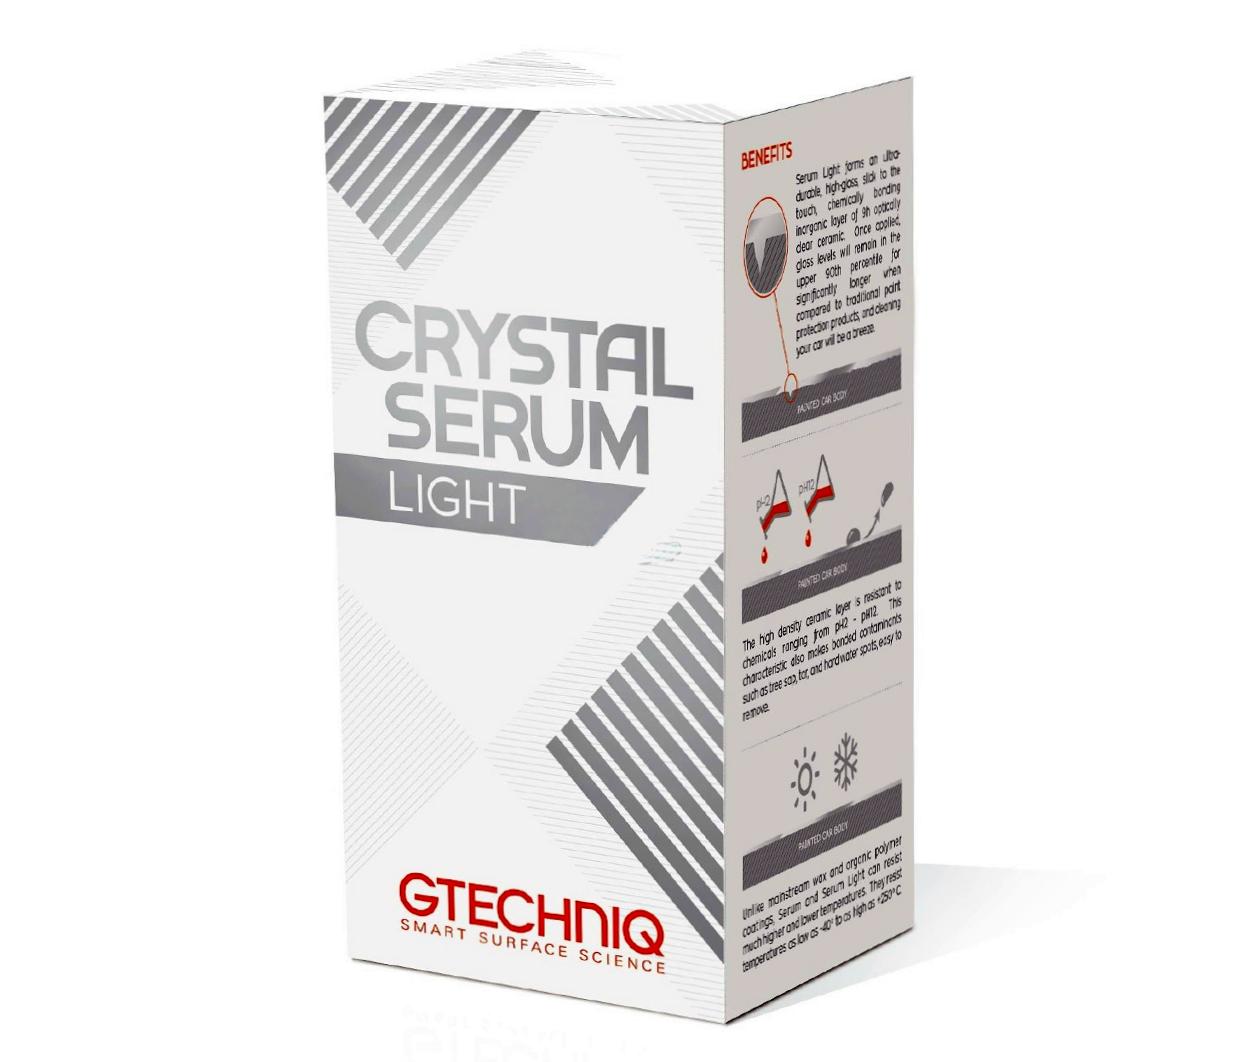 Gtechniq Crystal Serum Light защитное нанокерамическое покрытие 9H